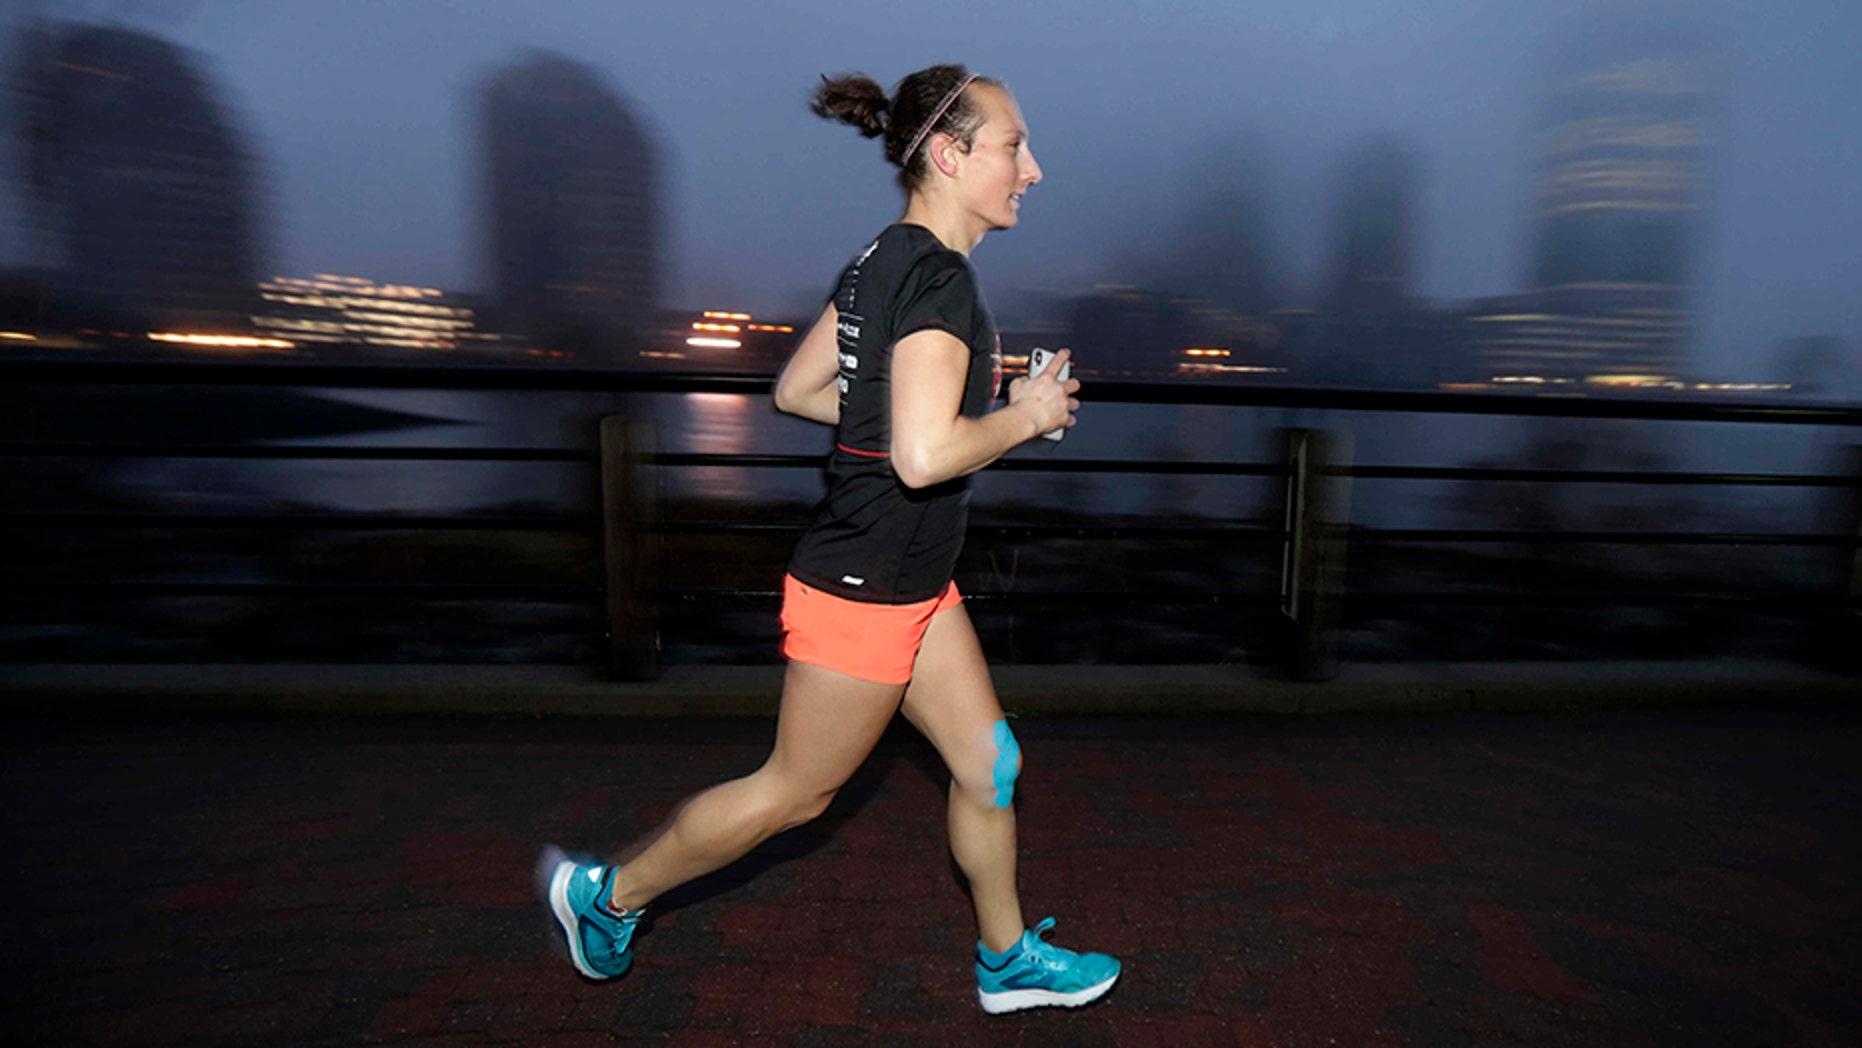 Amelia Gapin, a trangender woman, works out while preparing to run the Boston Marathon.